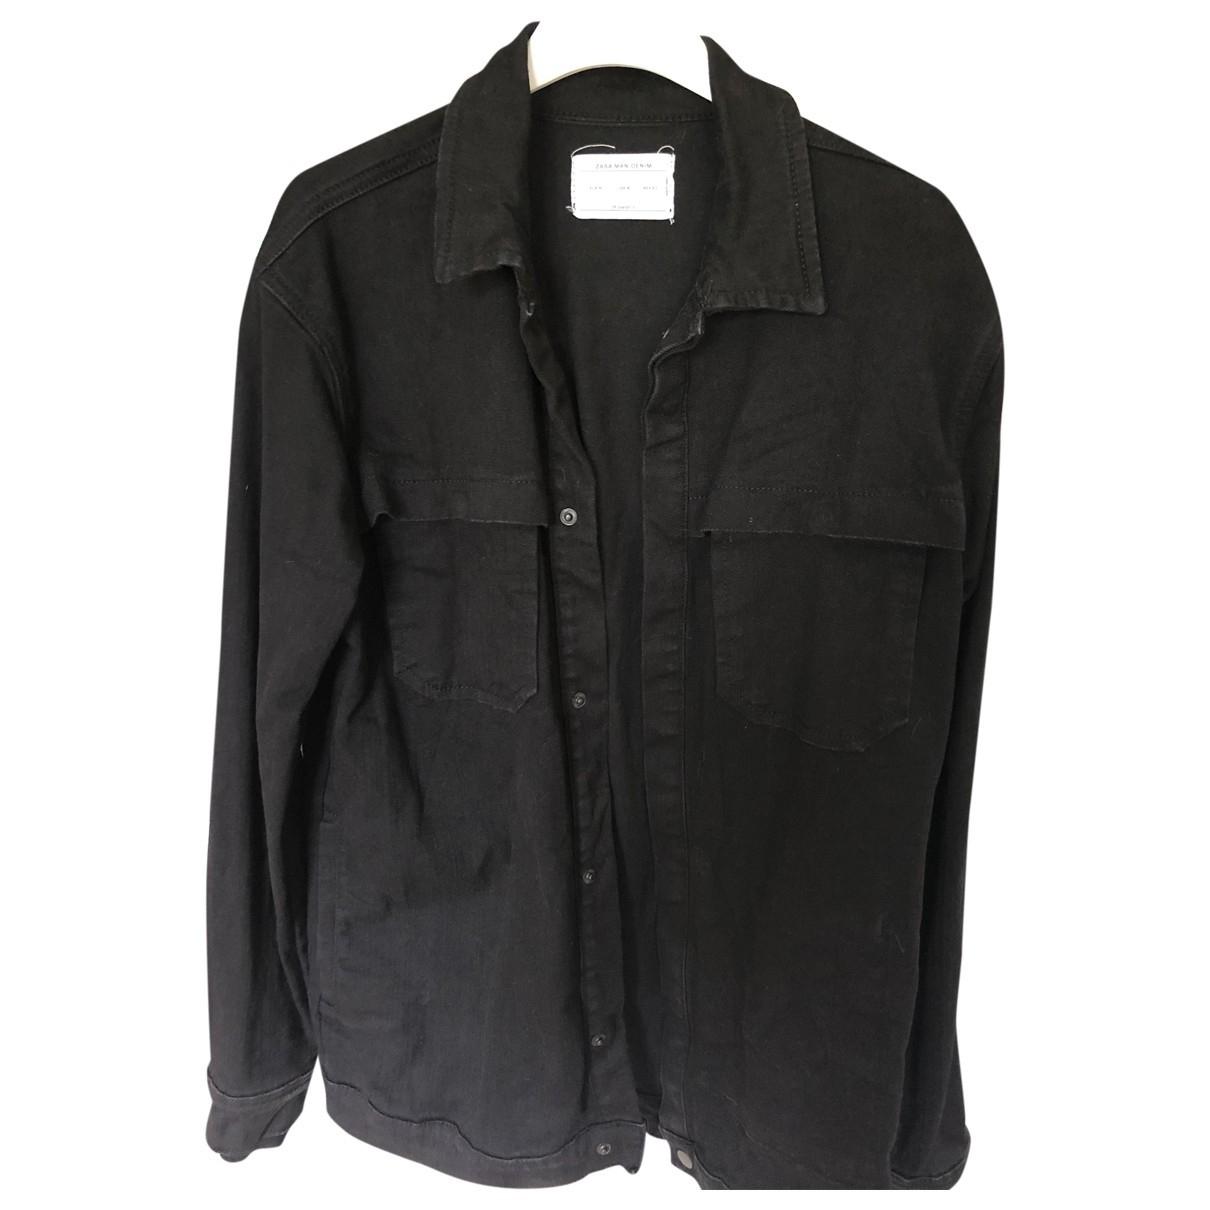 Zara - Vestes.Blousons   pour homme en denim - noir